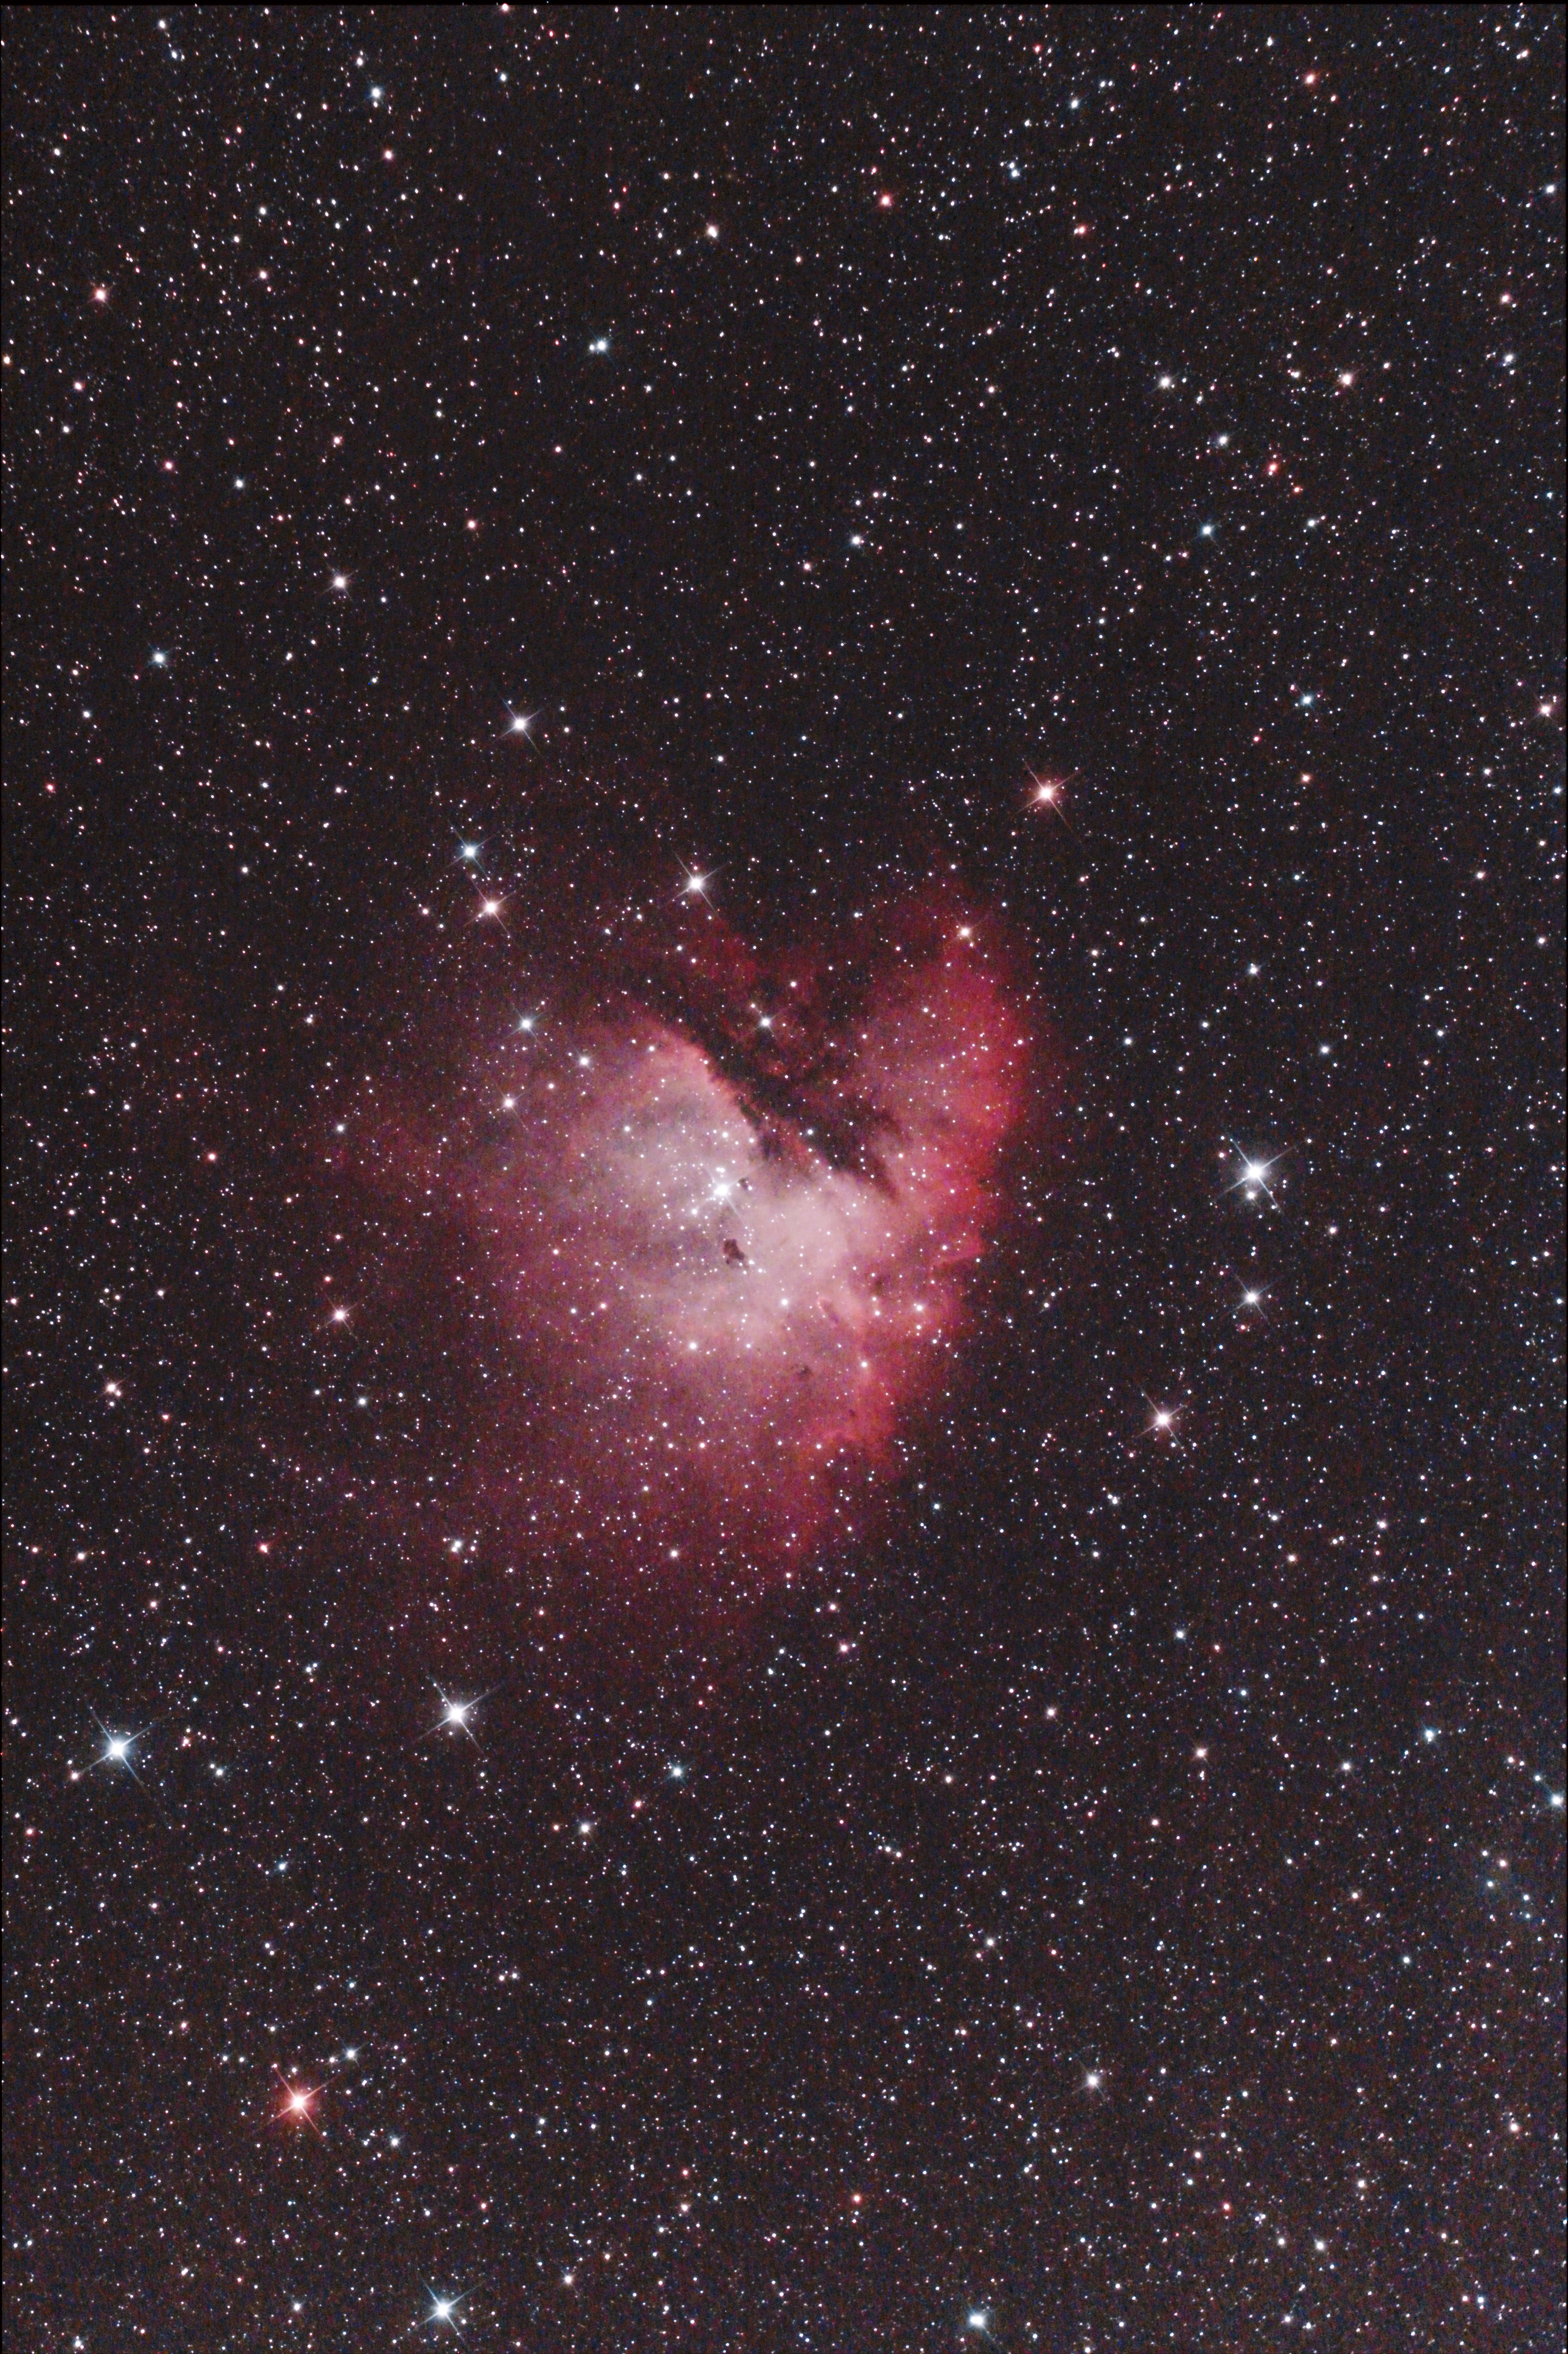 NGC 4752